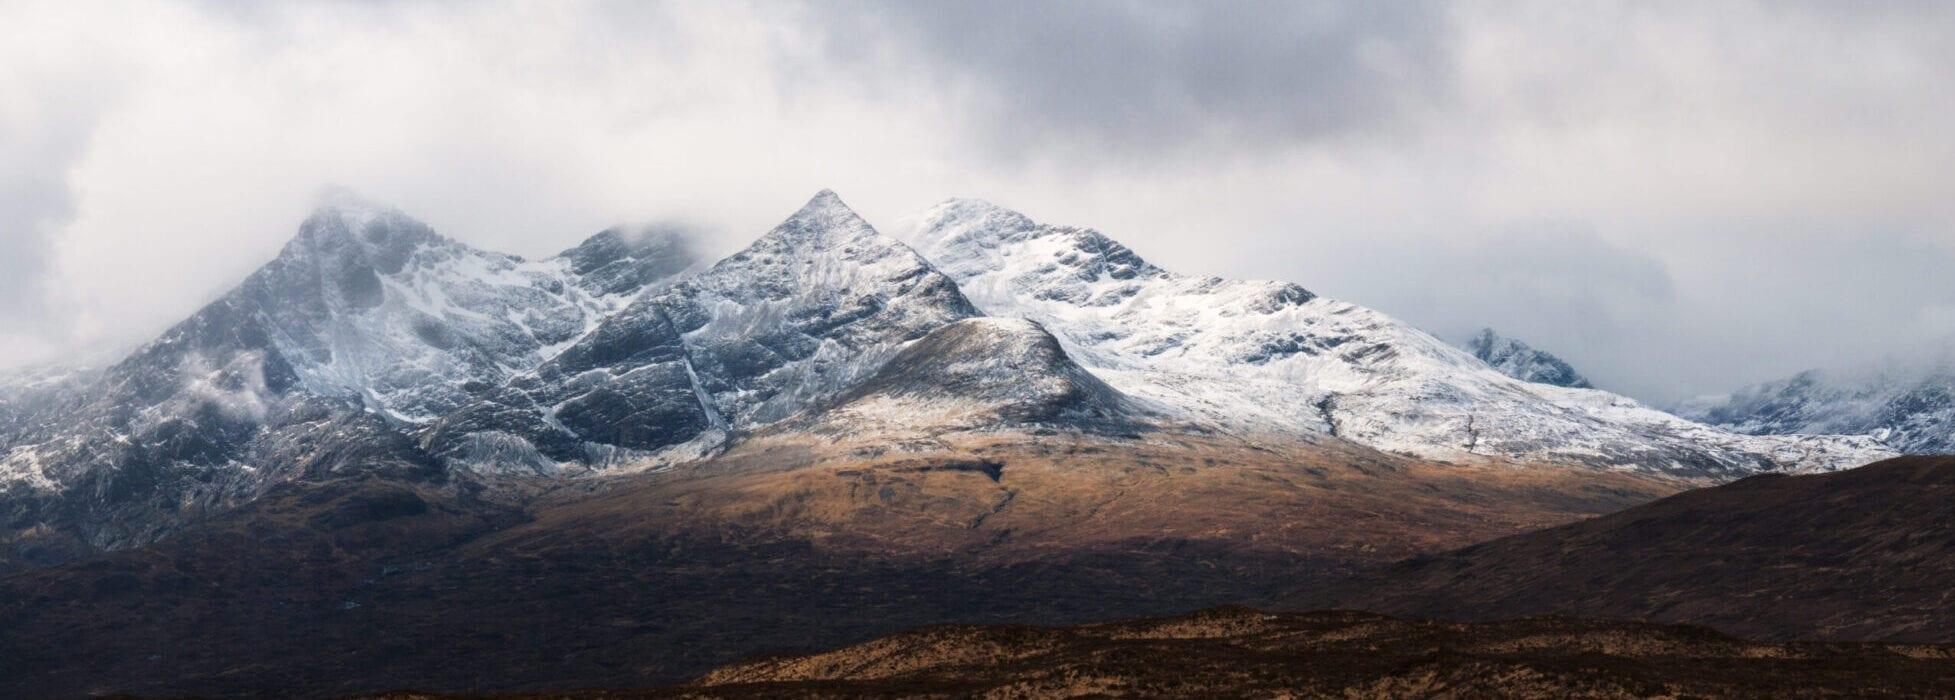 Cuillins Moody Snow